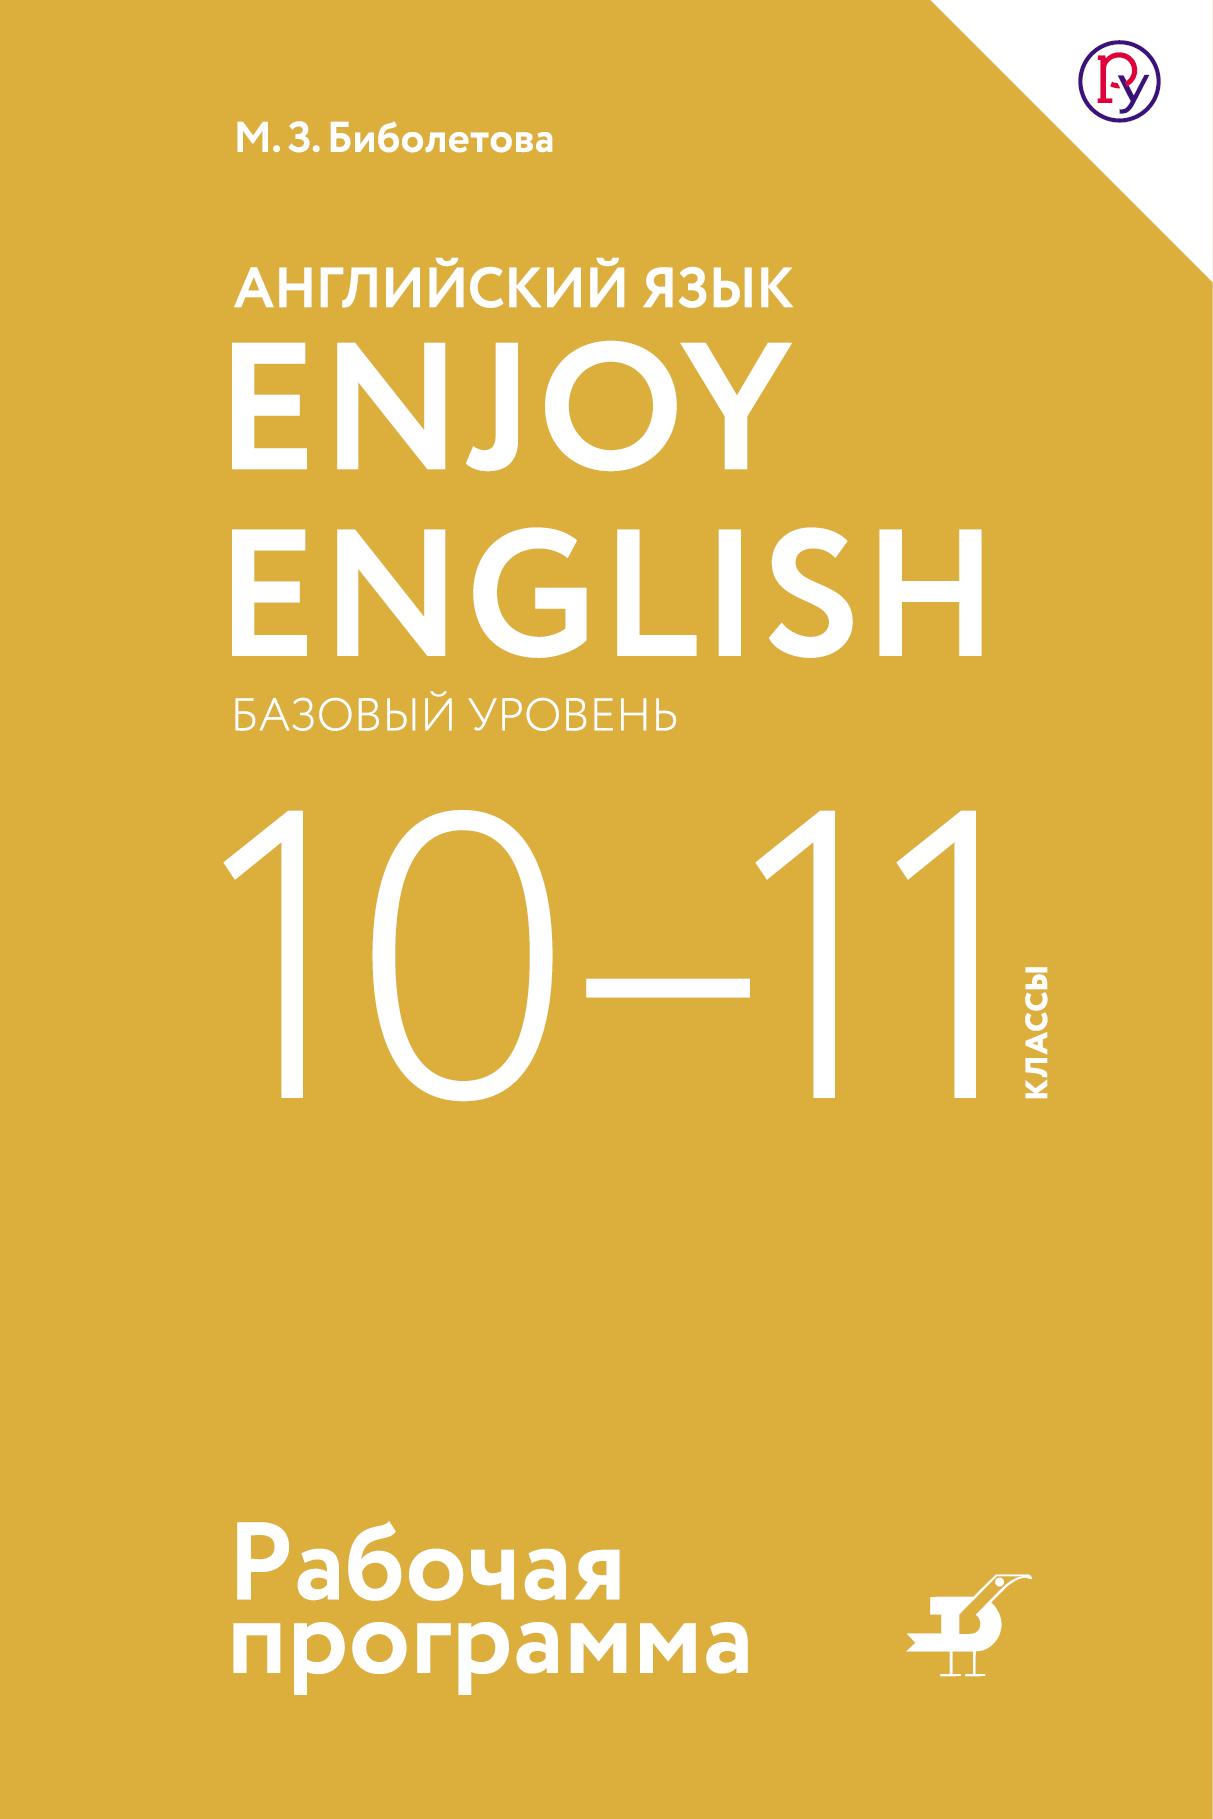 М. З. Биболетова Английский язык. Enjoy English. Базовый уровень. 10—11 классы. Рабочая программа м в вербицкая английский язык программа 2–4 классы